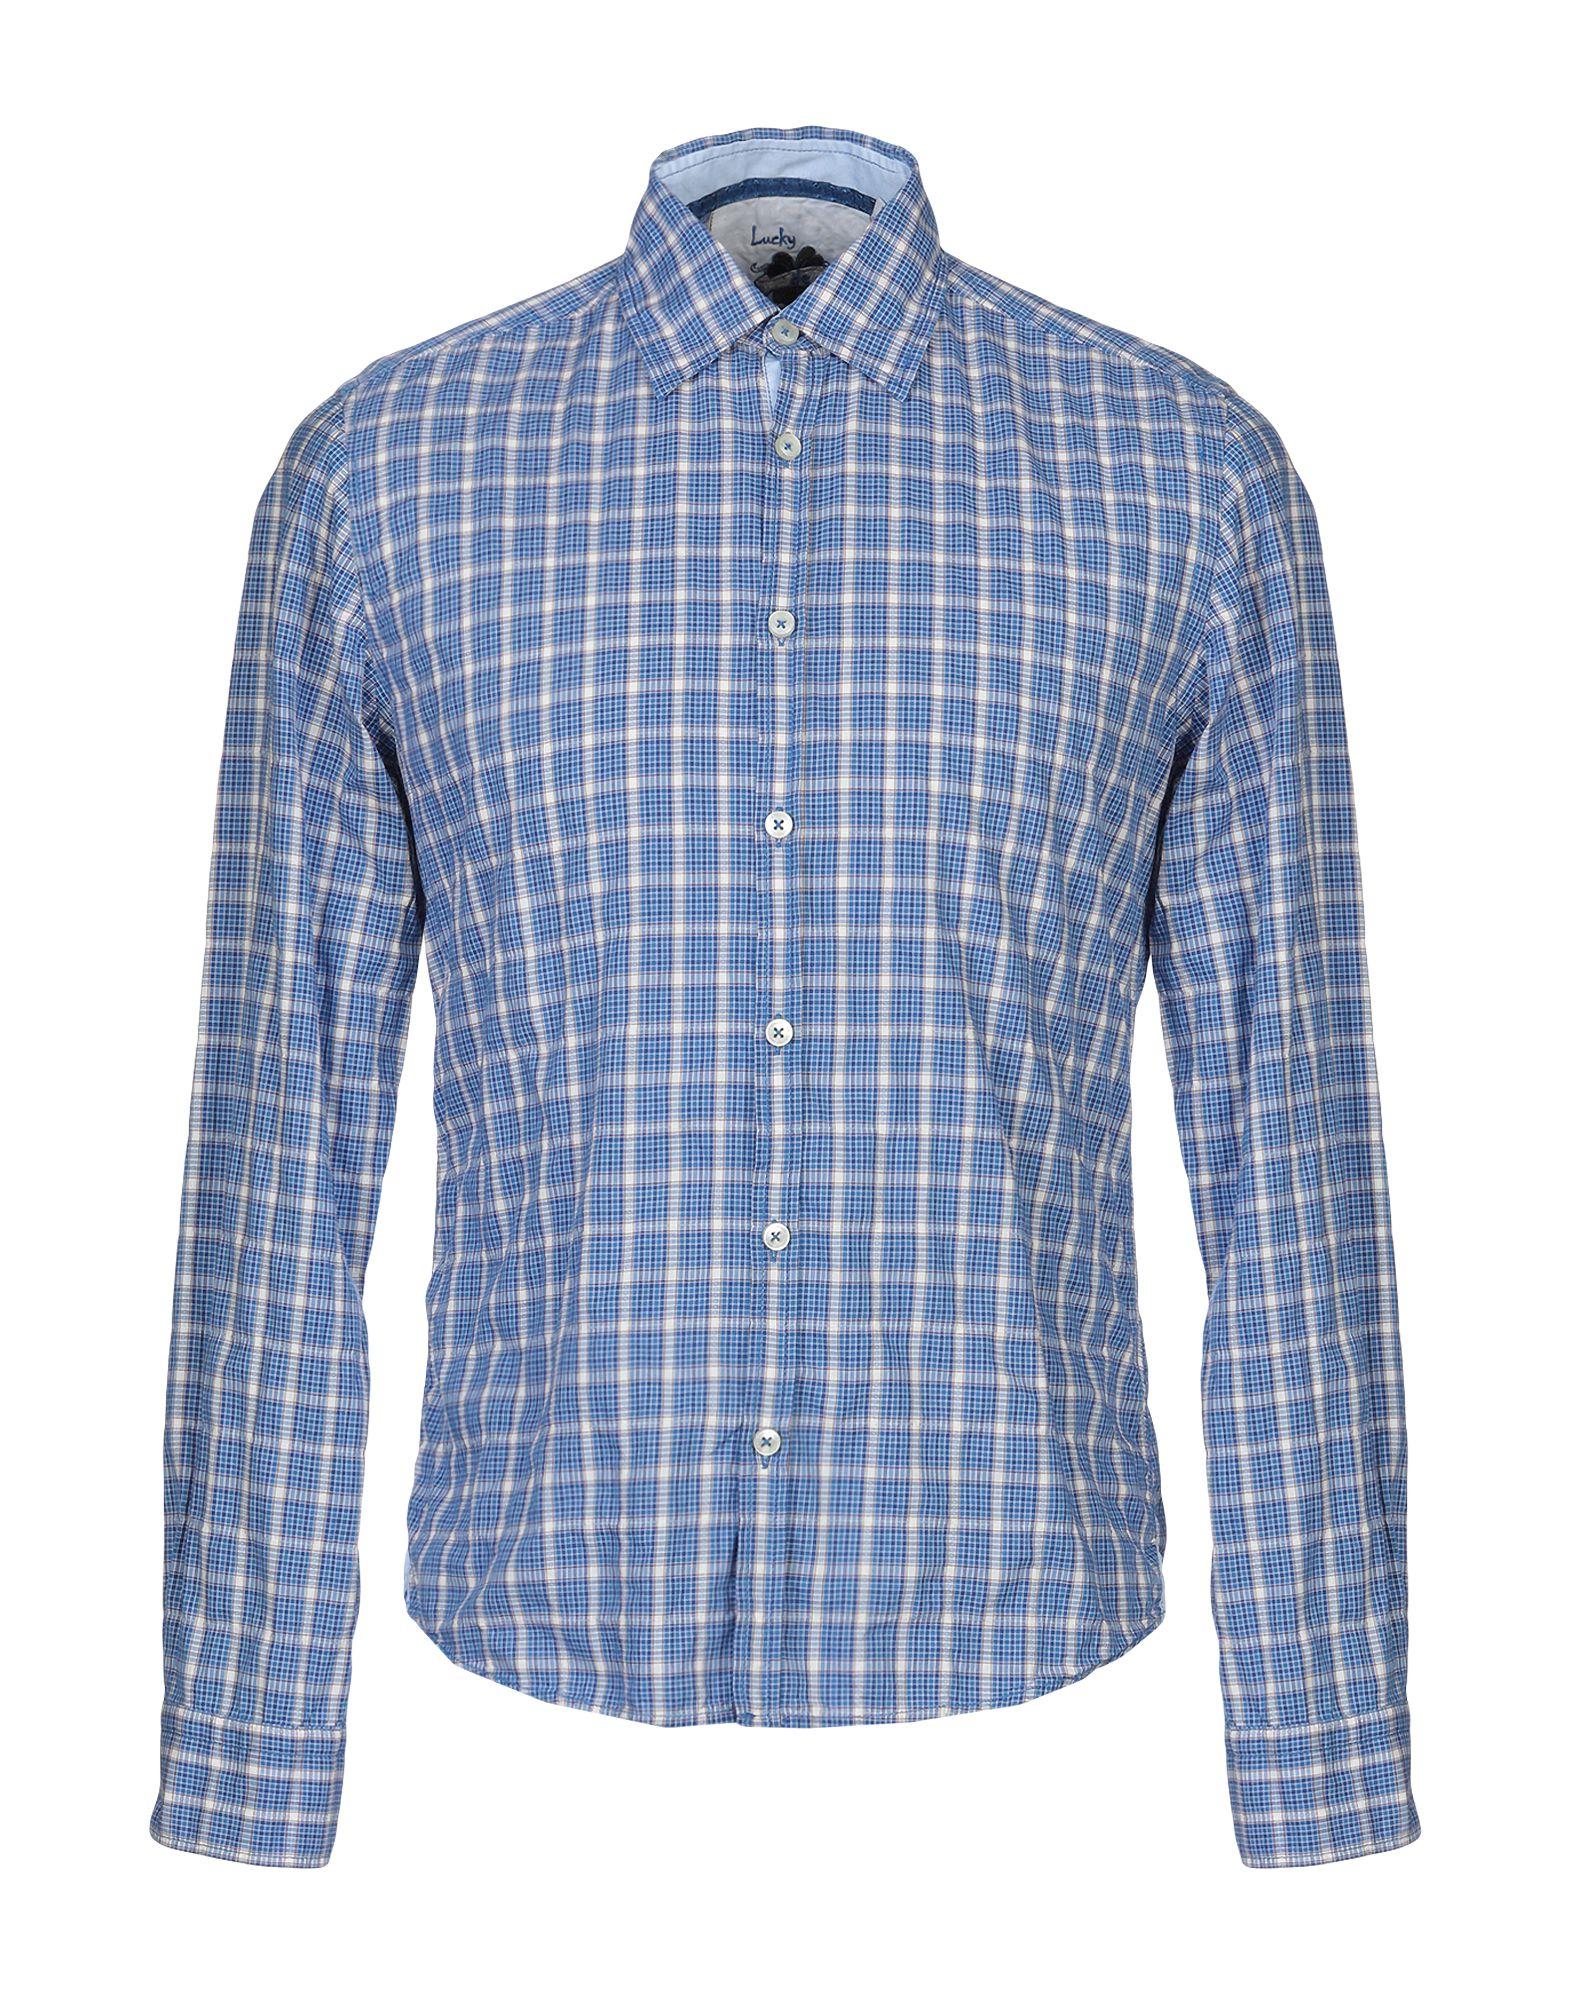 《期間限定セール中》LUCKY DE LUCA メンズ シャツ ブルー S コットン 99% / ポリウレタン 1%